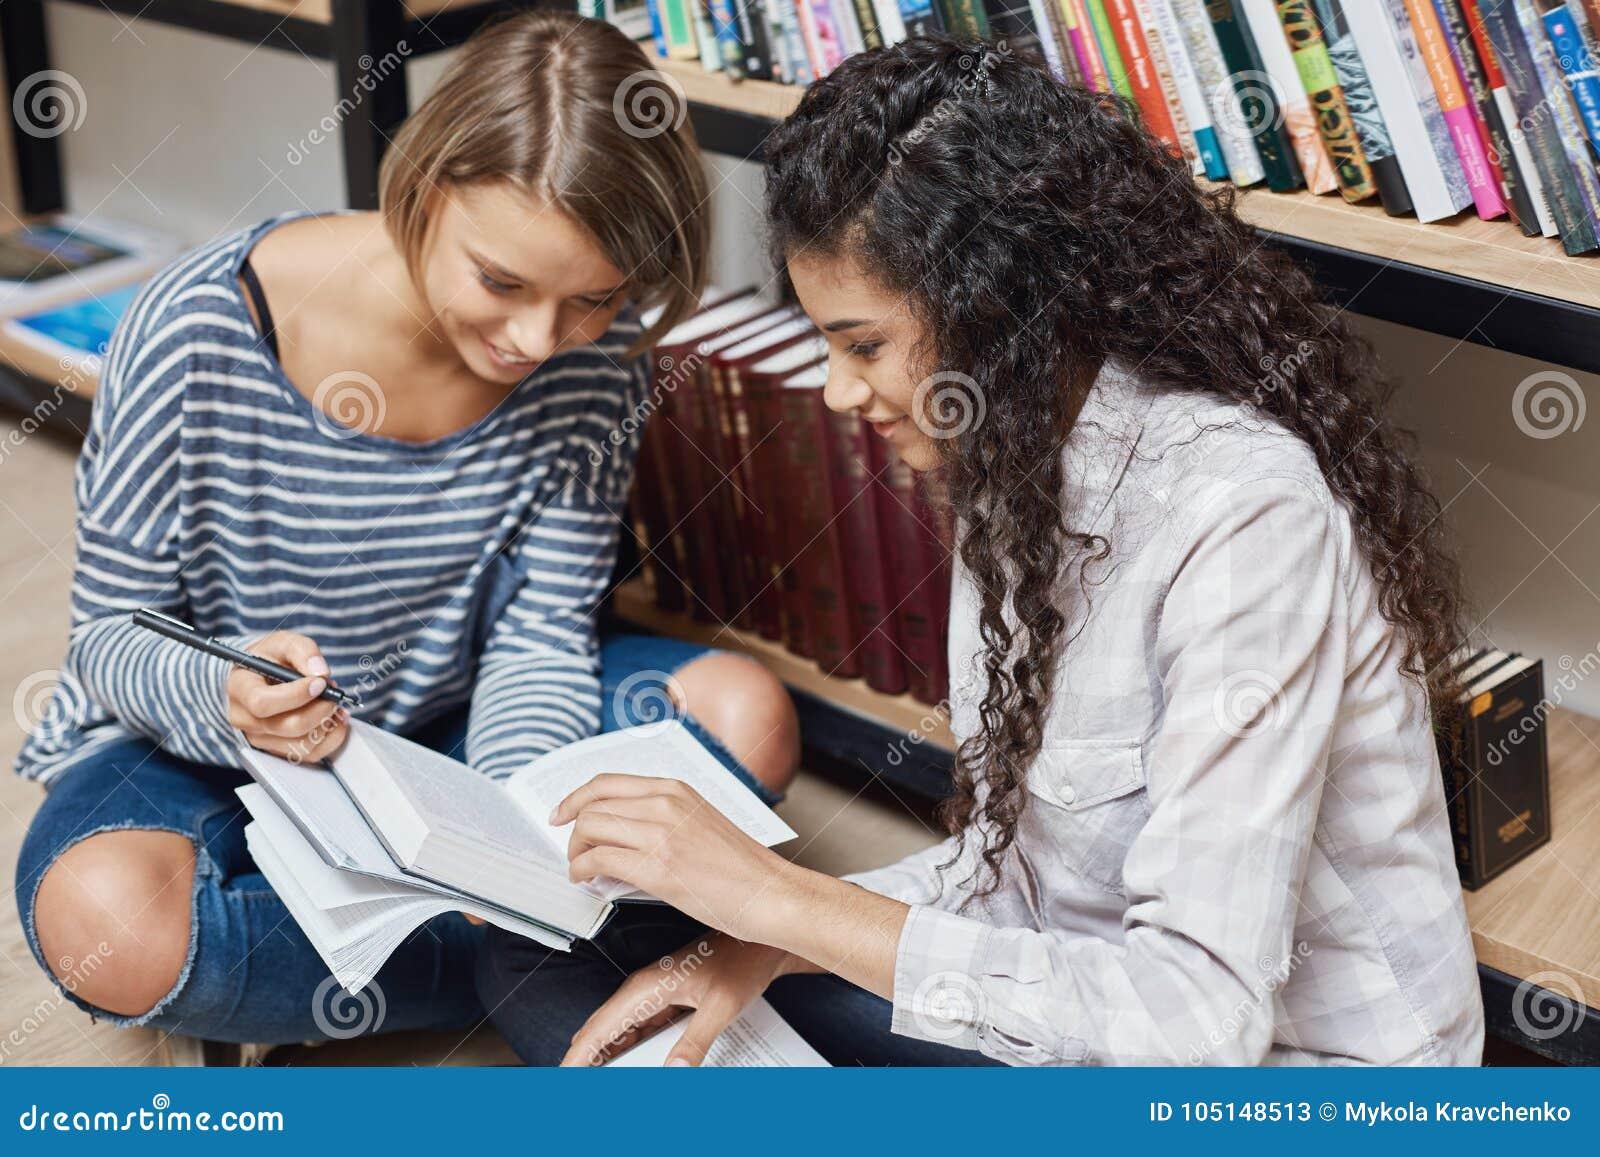 便衣的两名更加成功的女性多种族学生坐地板在大学图书馆里,为做准备